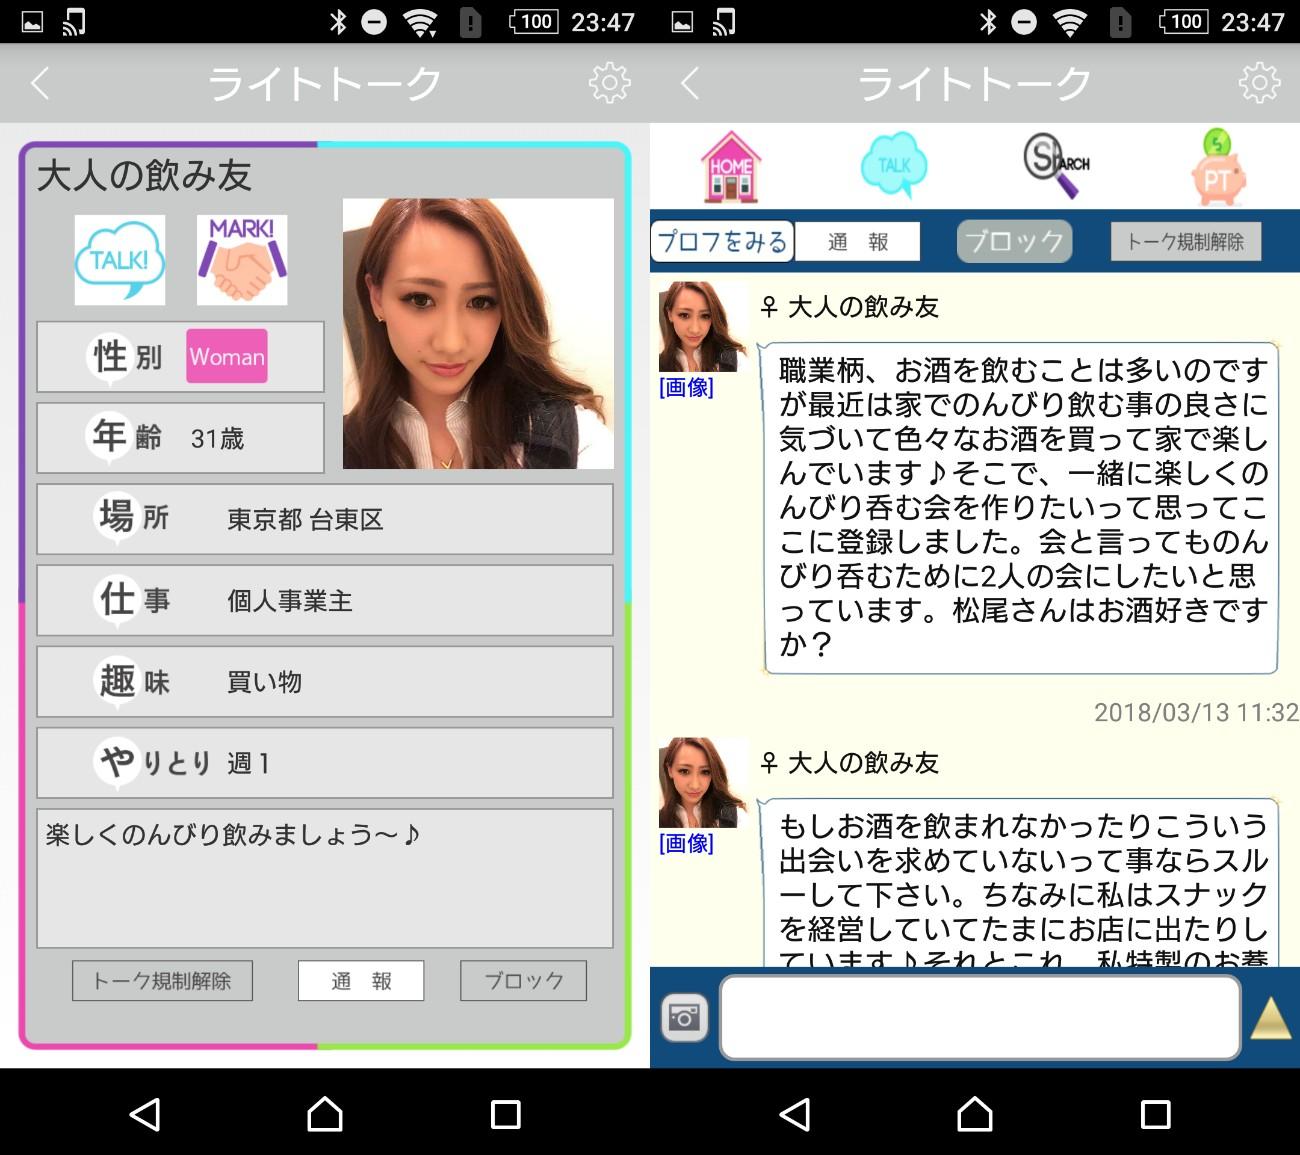 悪徳出会い系アプリ「ライトトーク」サクラ